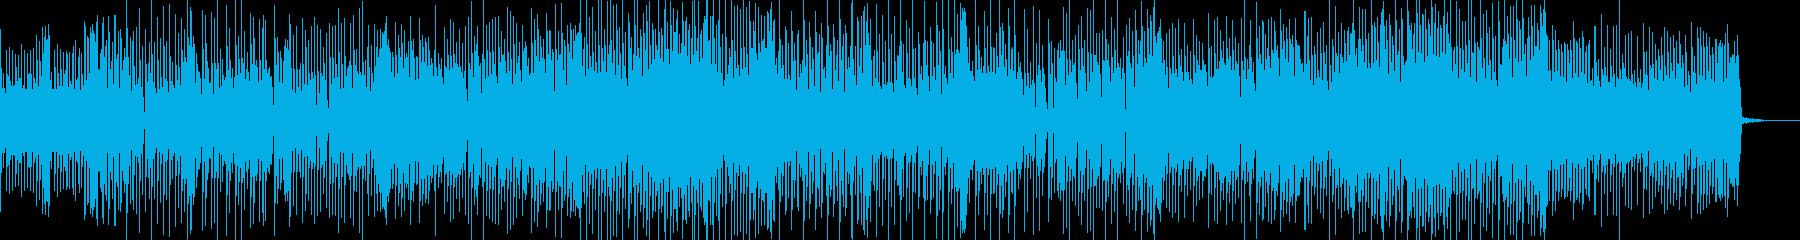 切なくてカッコいいポップロック曲の再生済みの波形